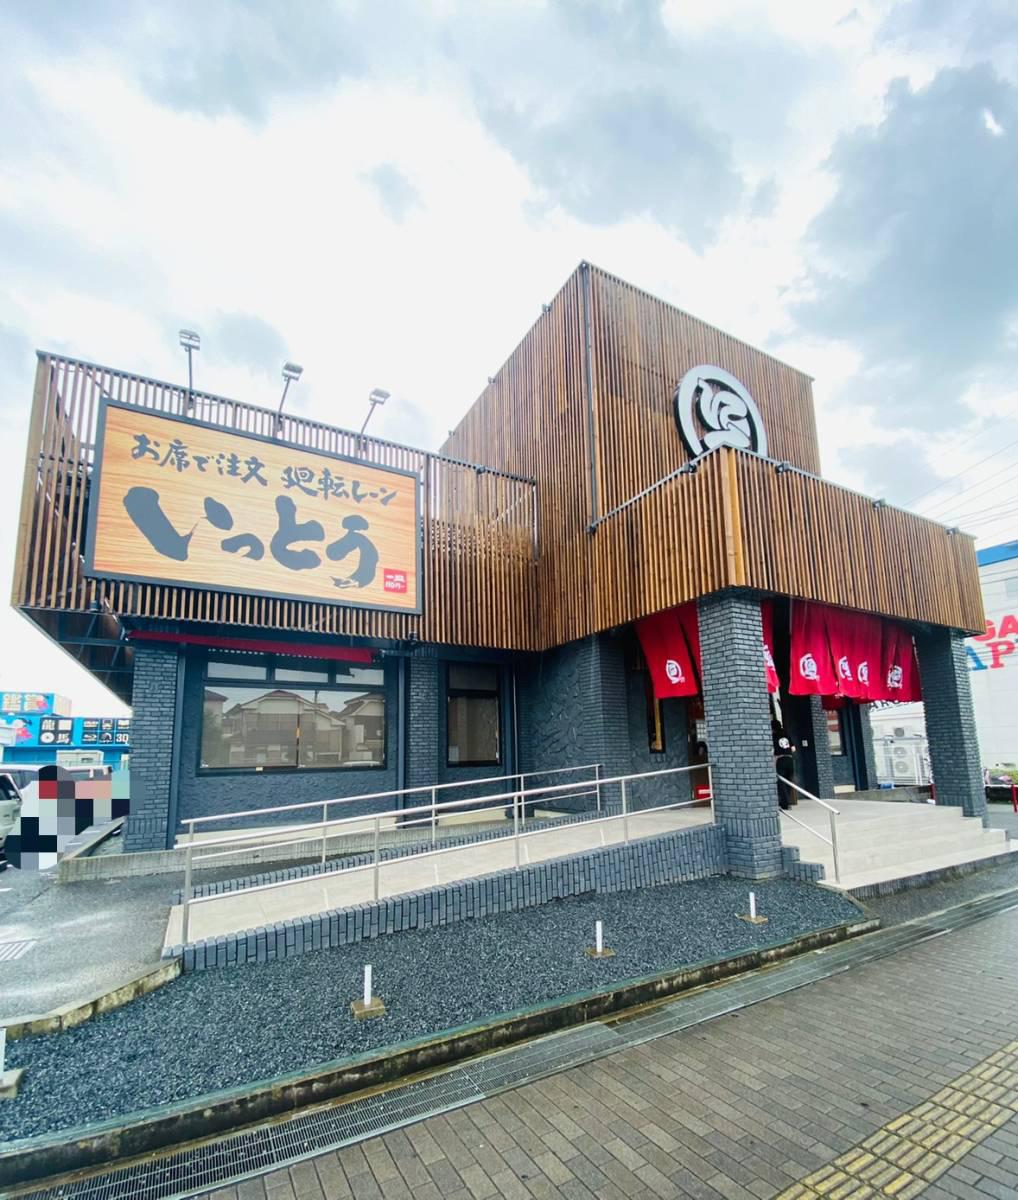 2021年7月16日上尾市に廻転レーン焼肉『いっとう 上尾店』がオープン!場所は『すたみな太郎上尾店』跡地…